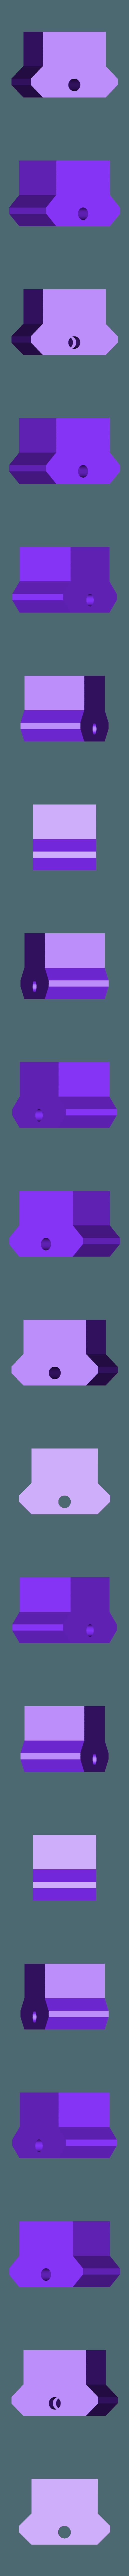 Creality_CR-10S_bed_level_5.stl Télécharger fichier STL gratuit Creality CR-10S Arrêt en Z réglable • Plan à imprimer en 3D, ZepTo